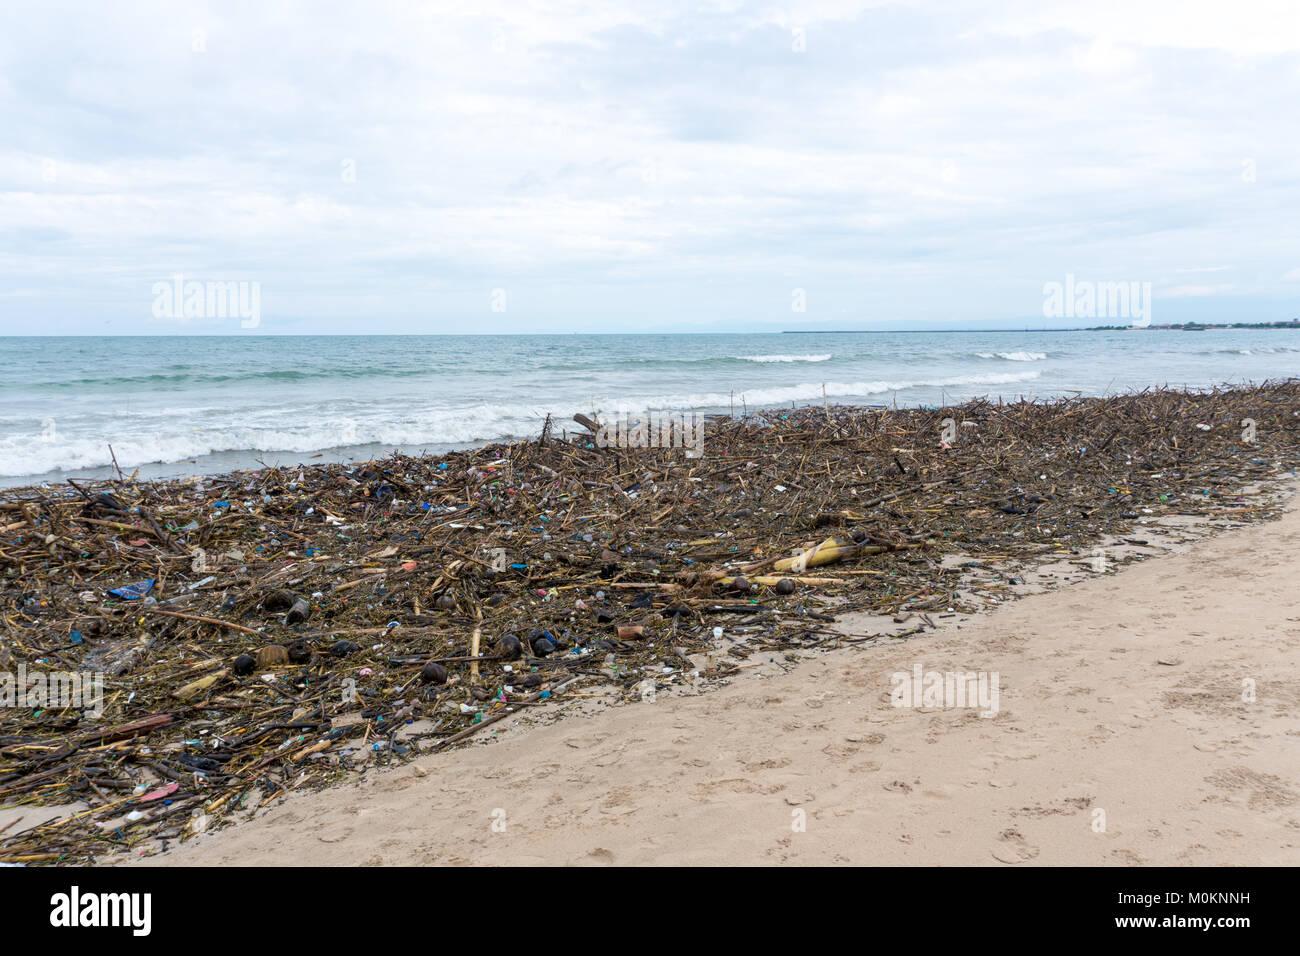 Littered shore - Stock Image